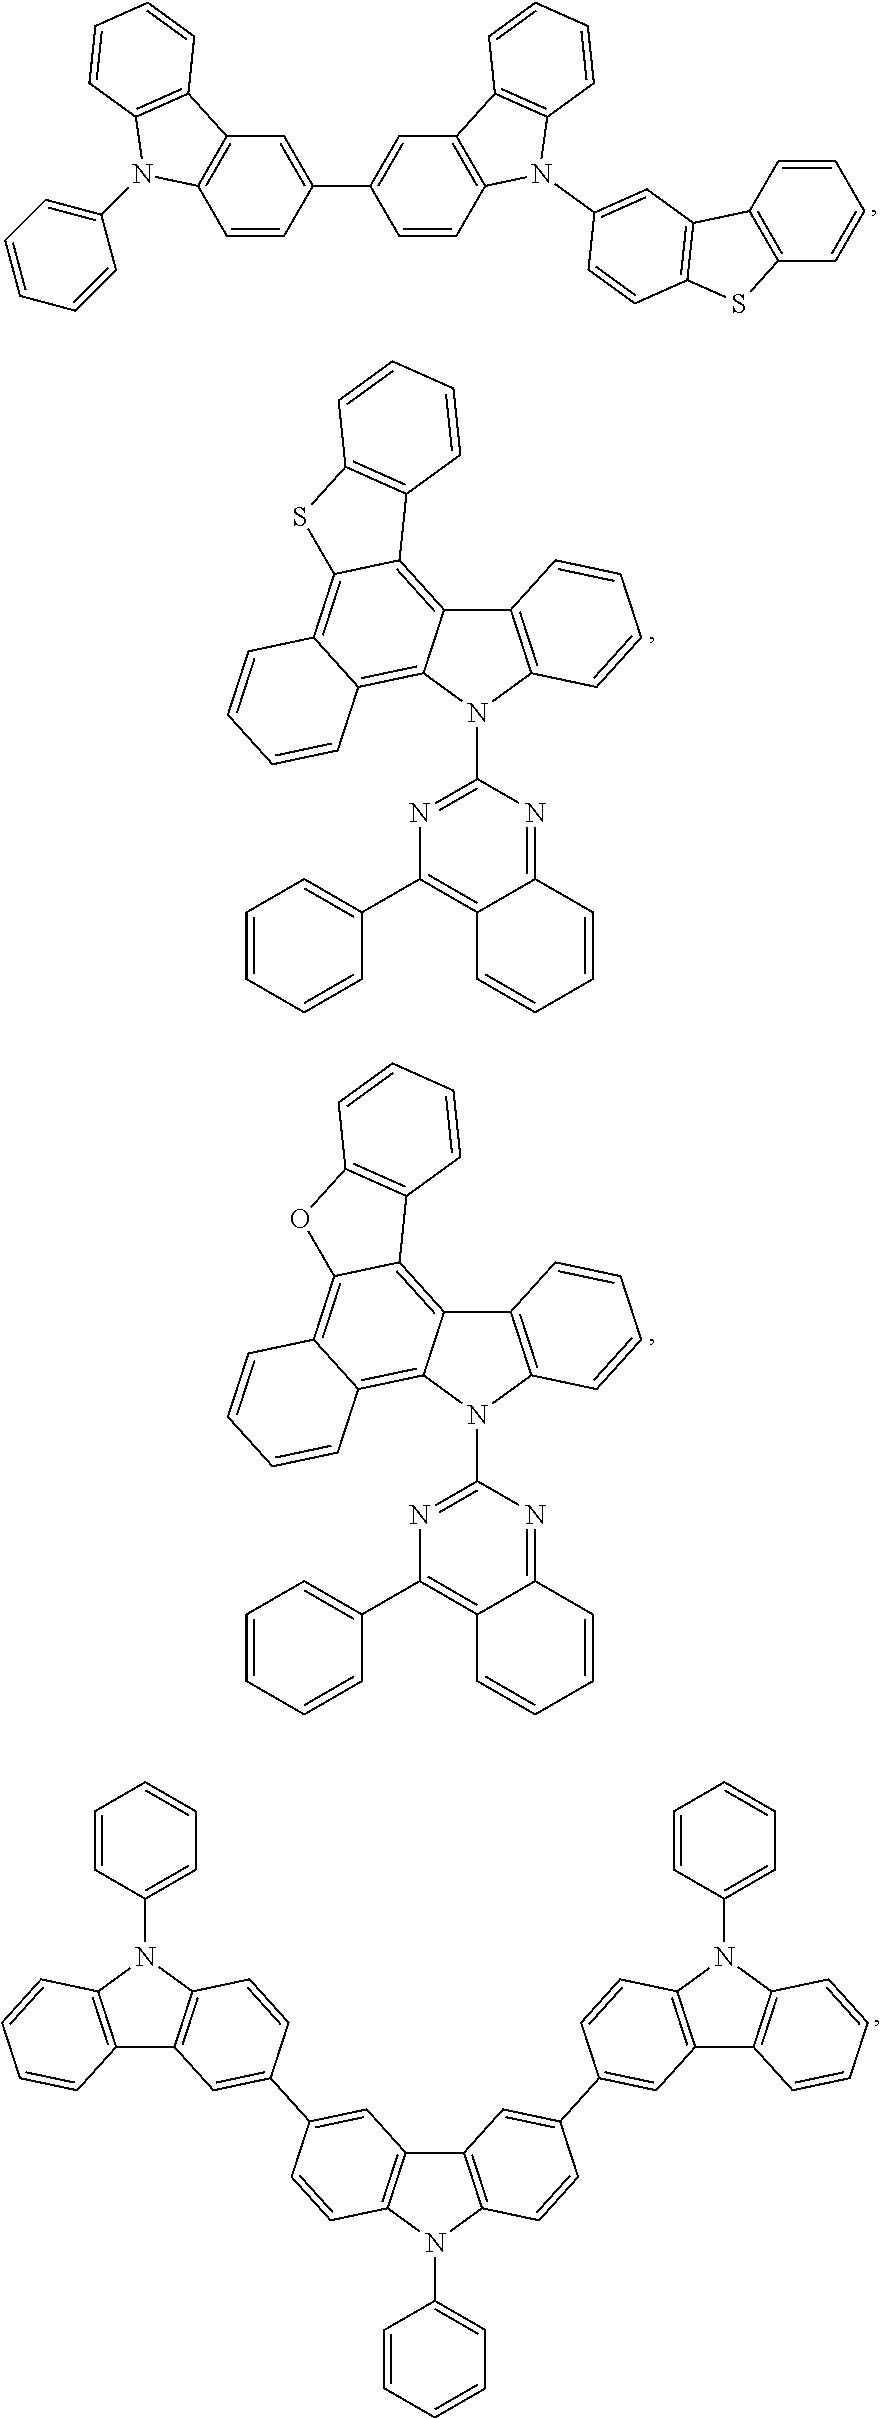 Figure US20160049599A1-20160218-C00563